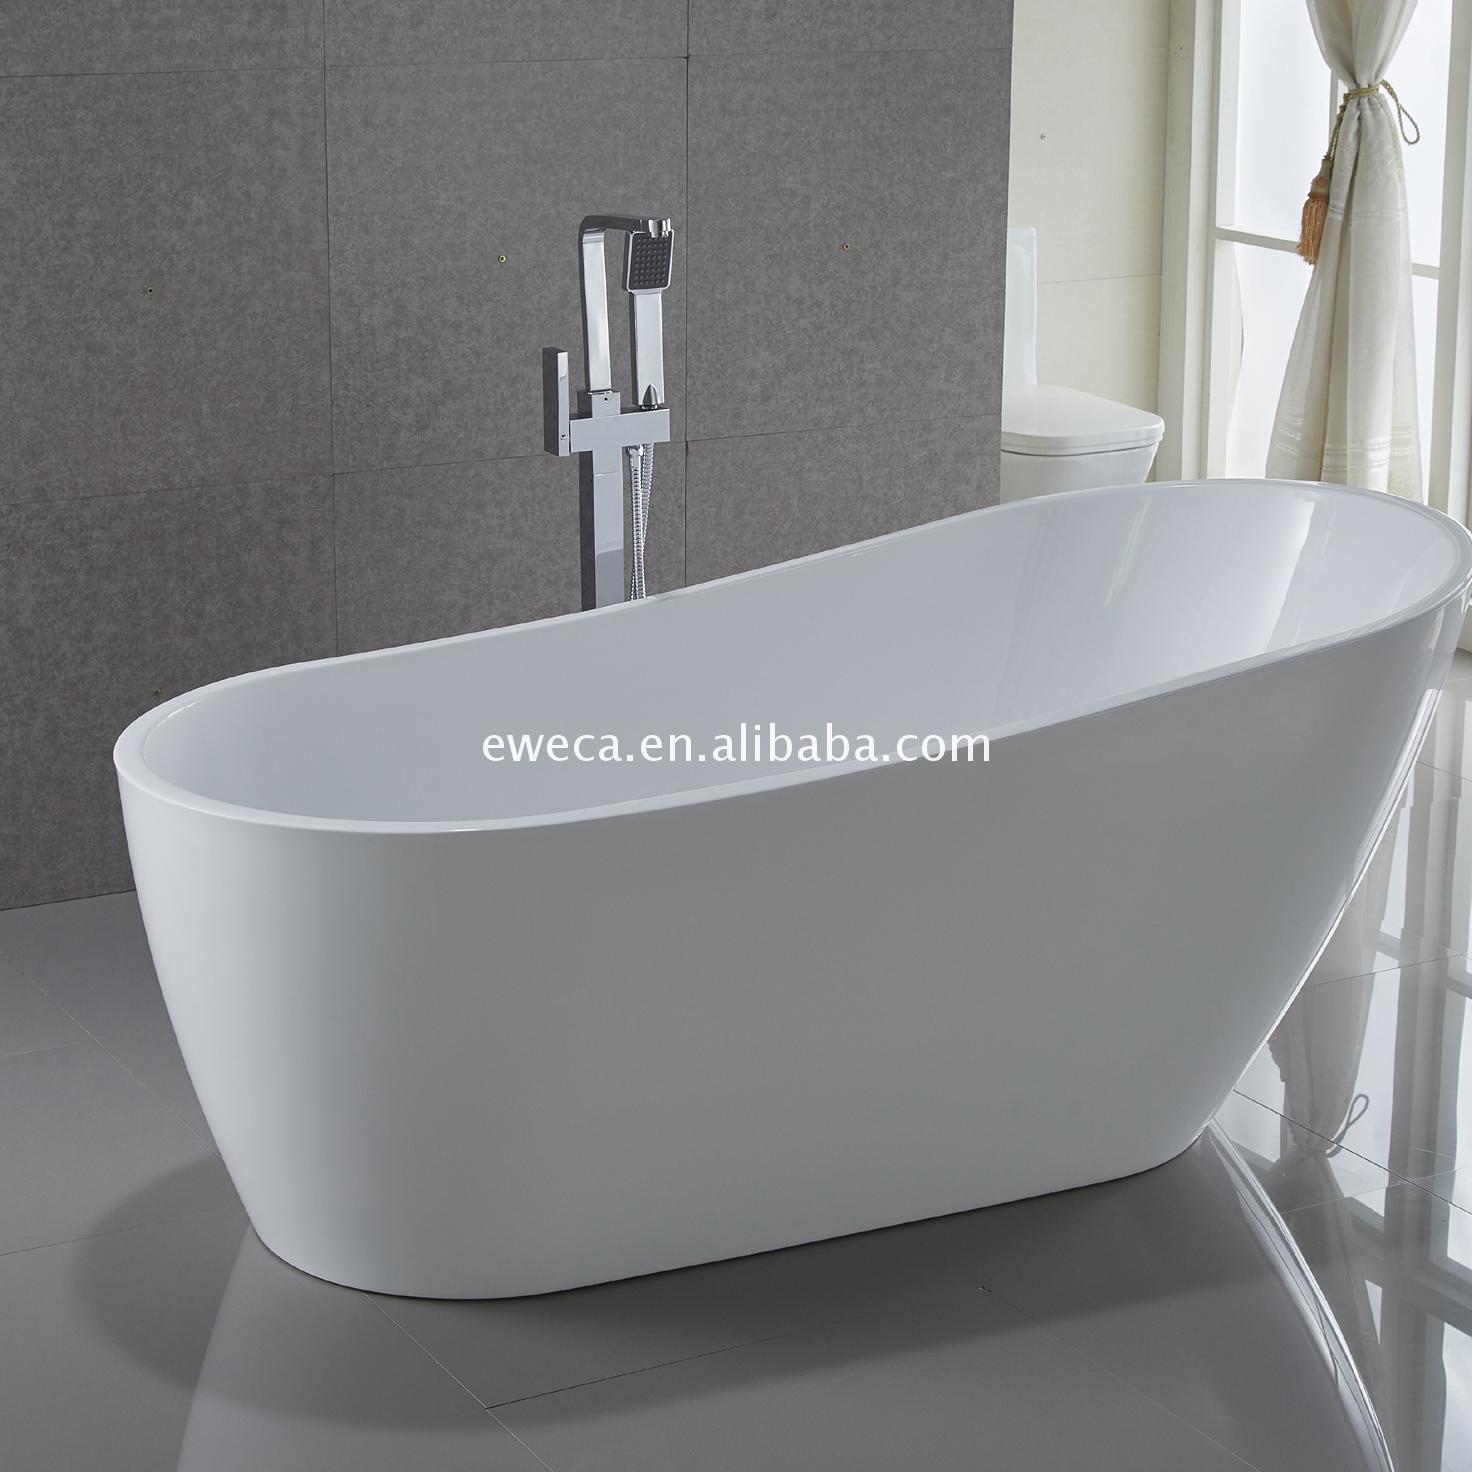 modern bathtubs crafting bathtub bath wonders surfaces ancient by hand stone tub